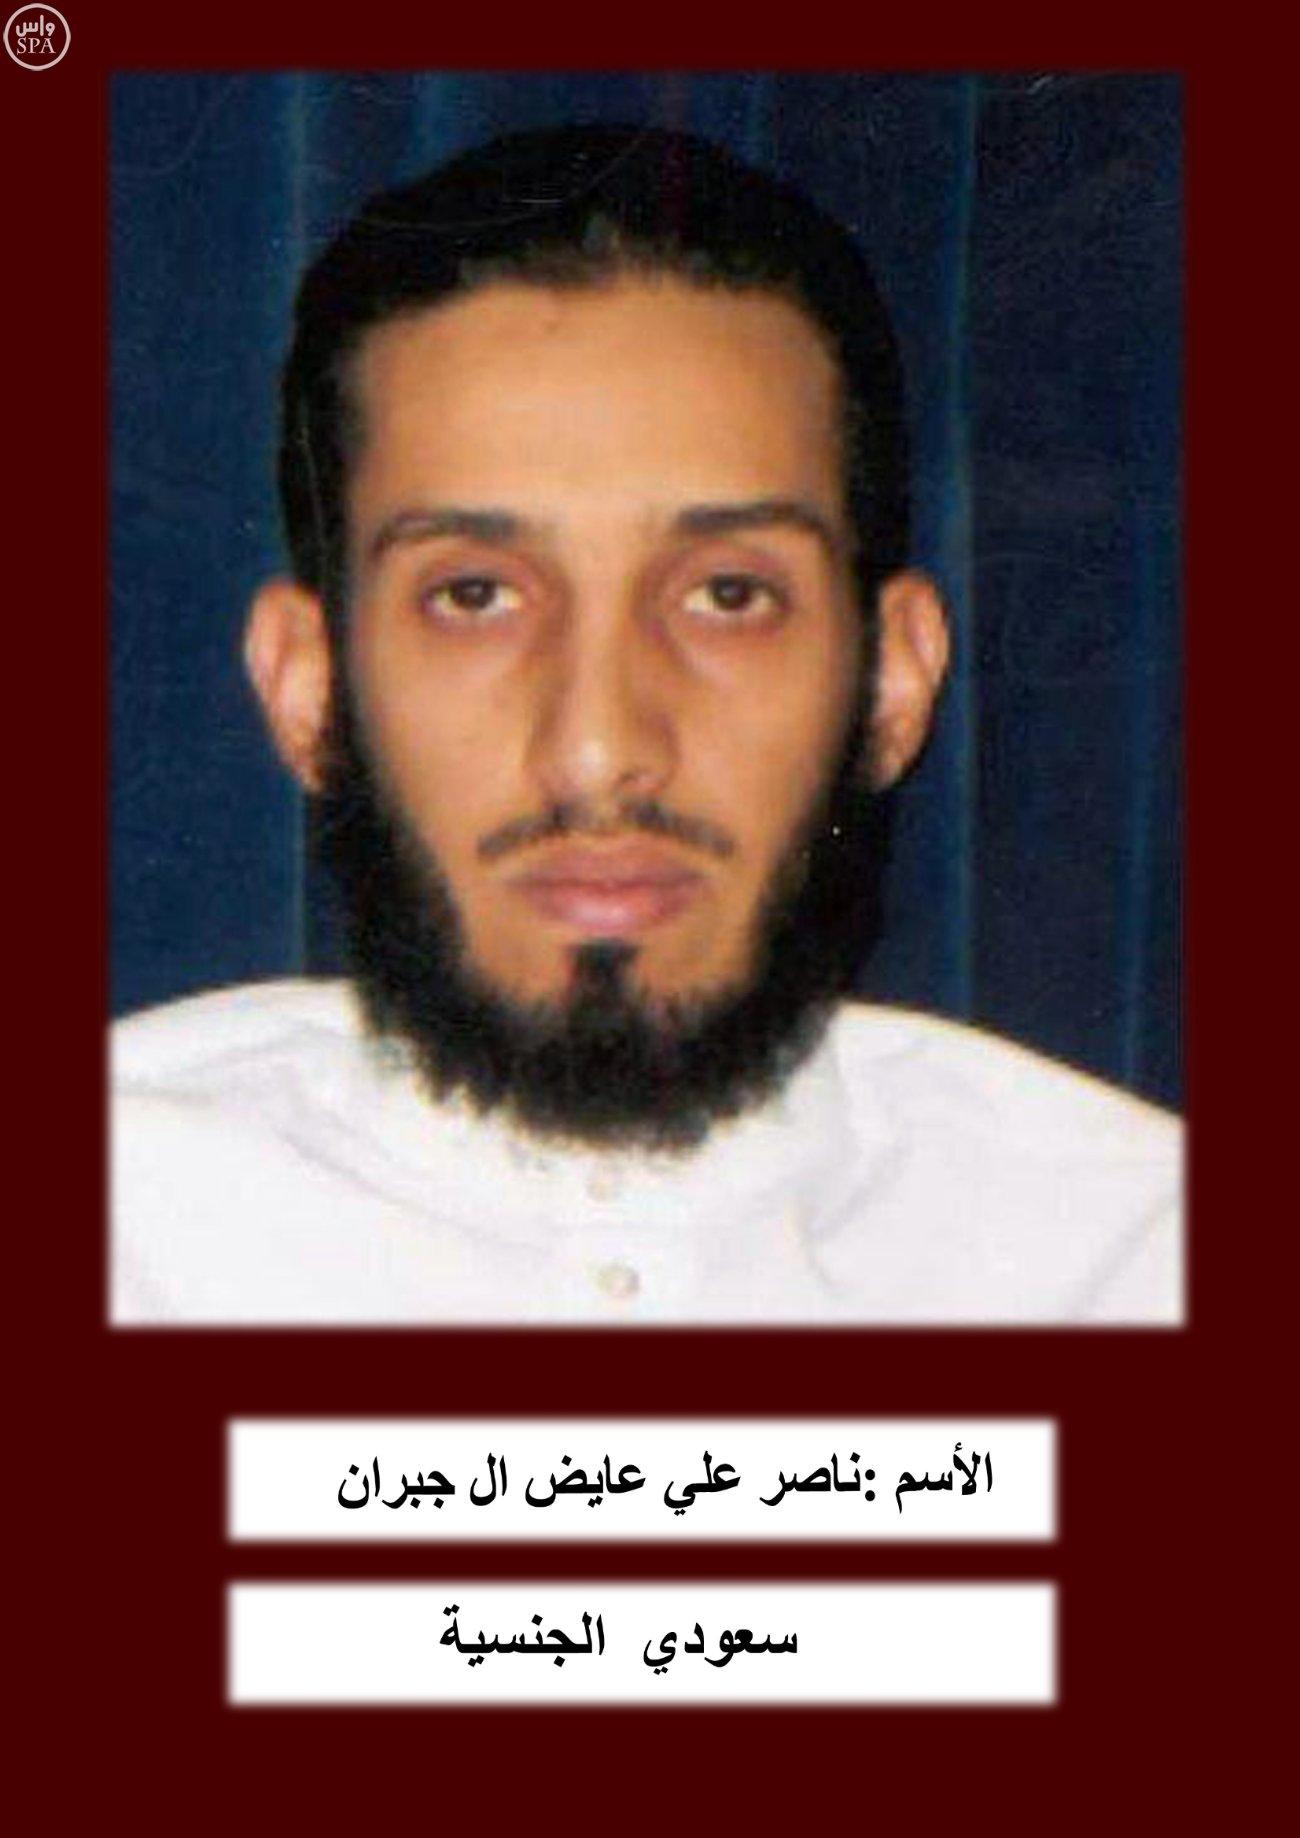 ارهابيين (3)